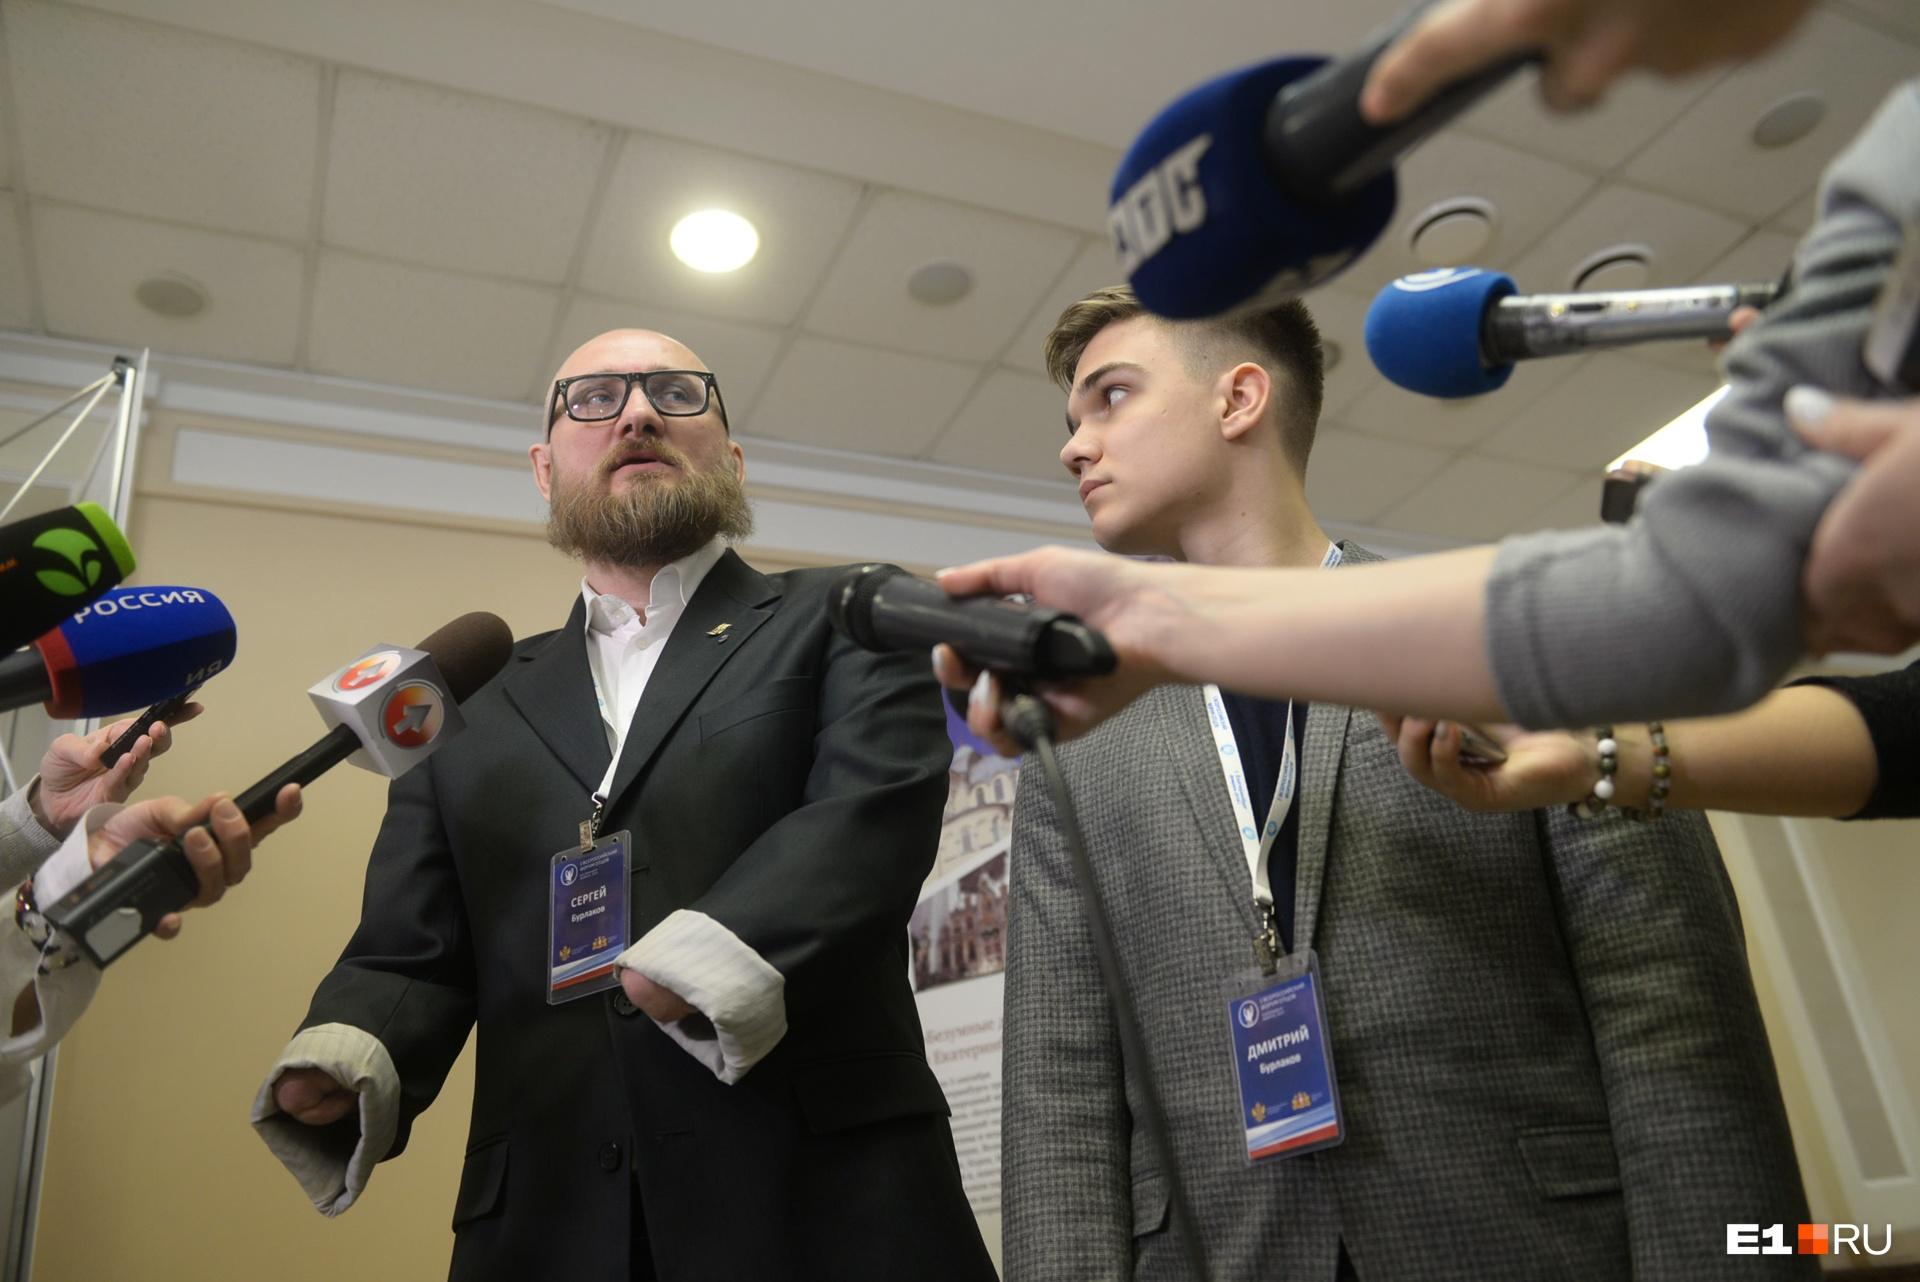 Сергей Бурлаков— суперпапа из Таганрога, он уверен, что отец и сын должны быть друзьями